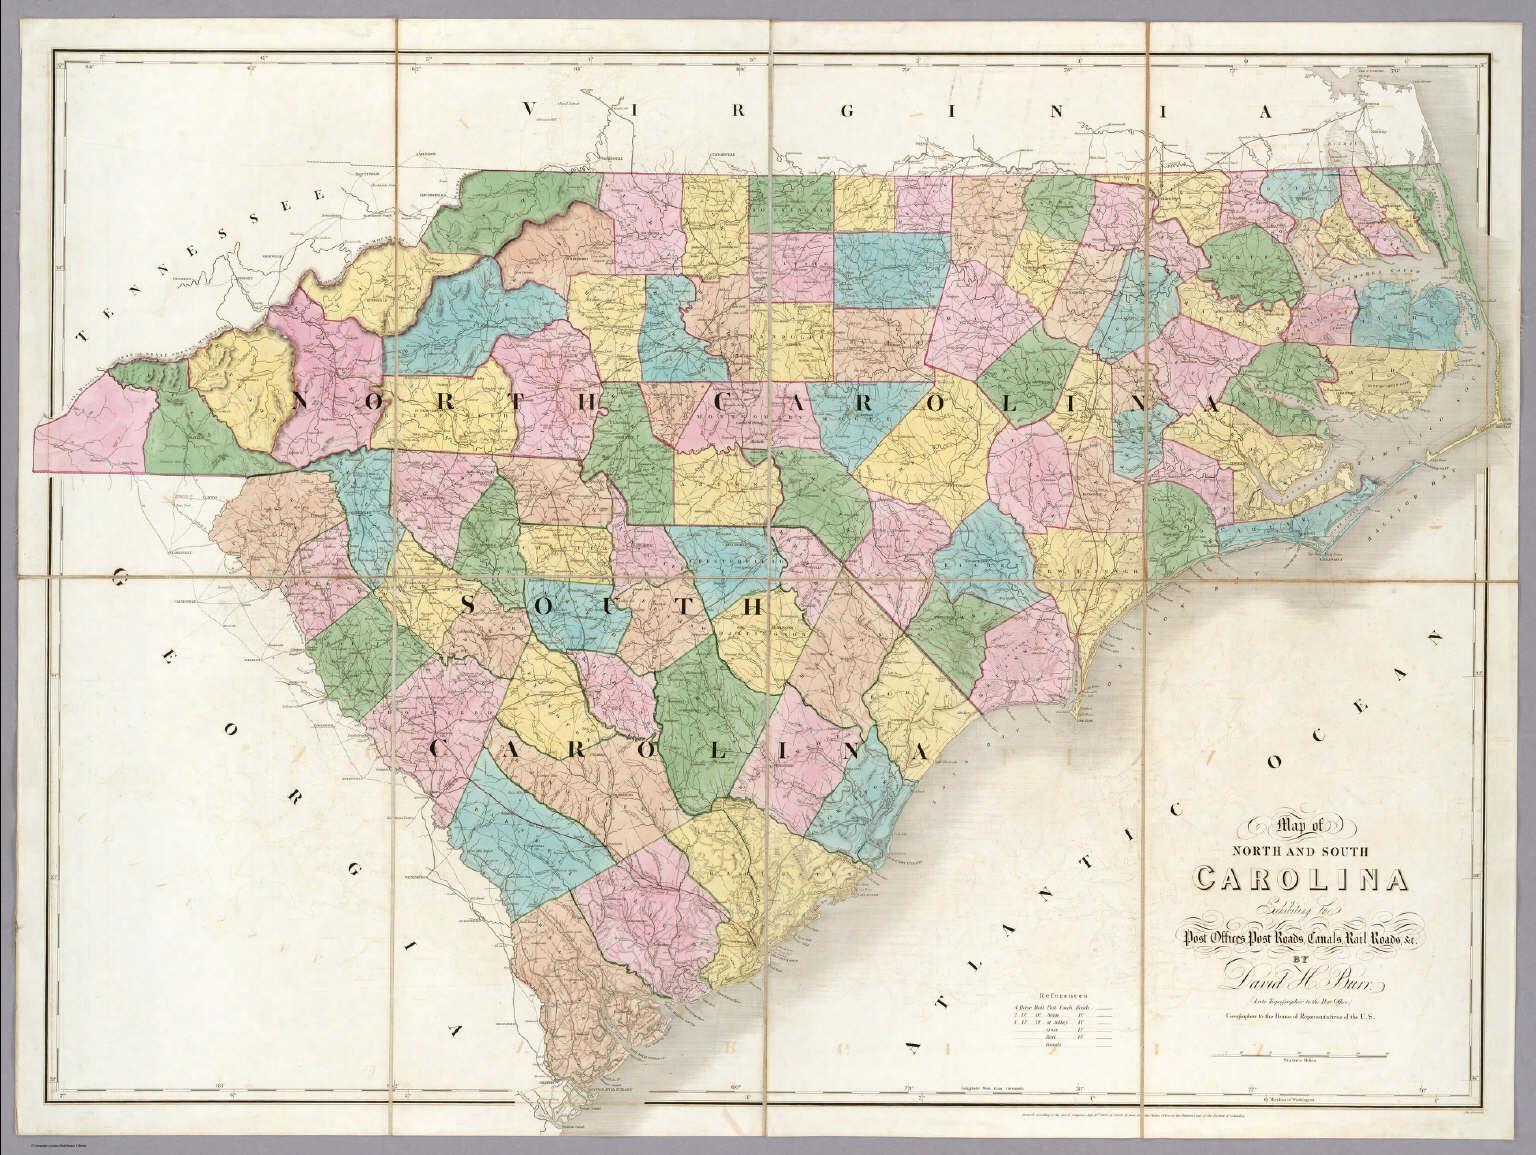 Map Of North And South Carolina Map of North And South Carolina.   David Rumsey Historical Map  Map Of North And South Carolina